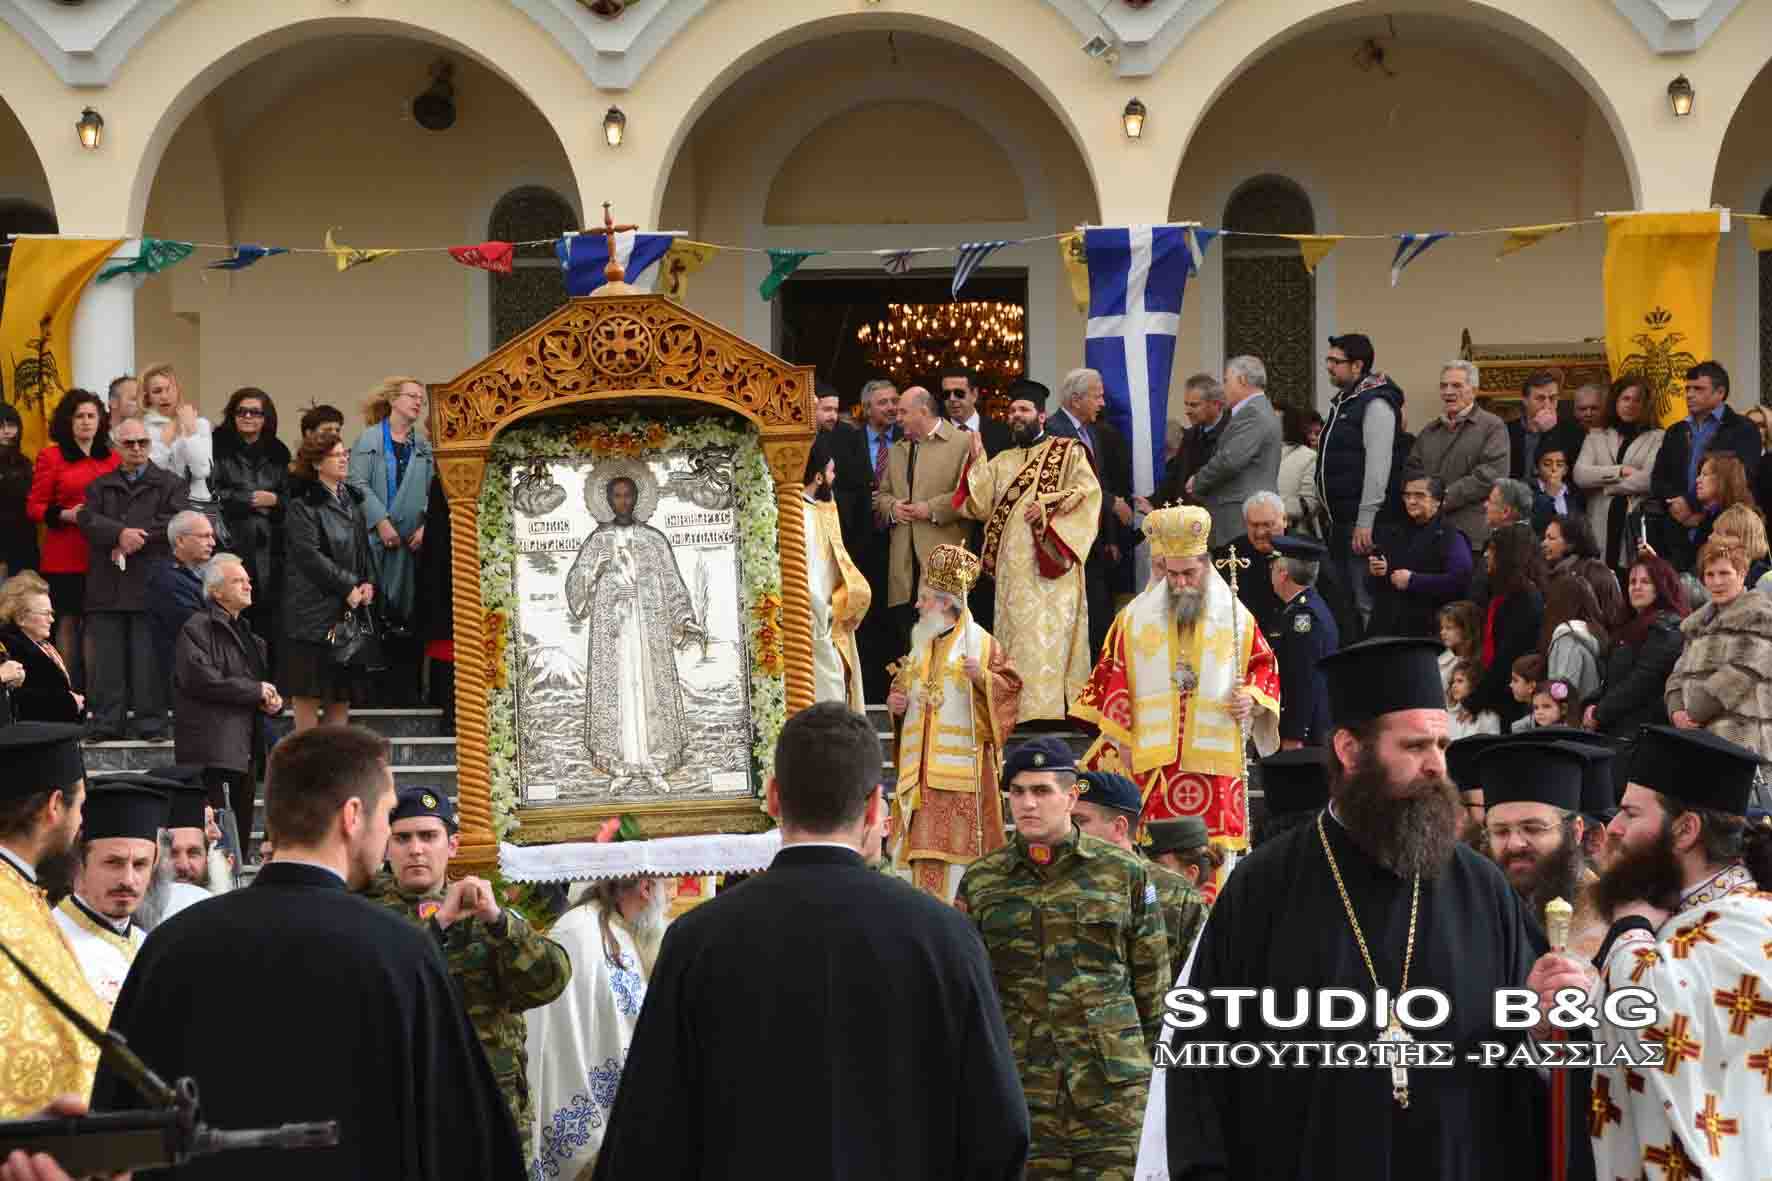 Ναύπλιο -Ο εορτασμός του Πολιούχου της Πόλης Αγίου Αναστασίου